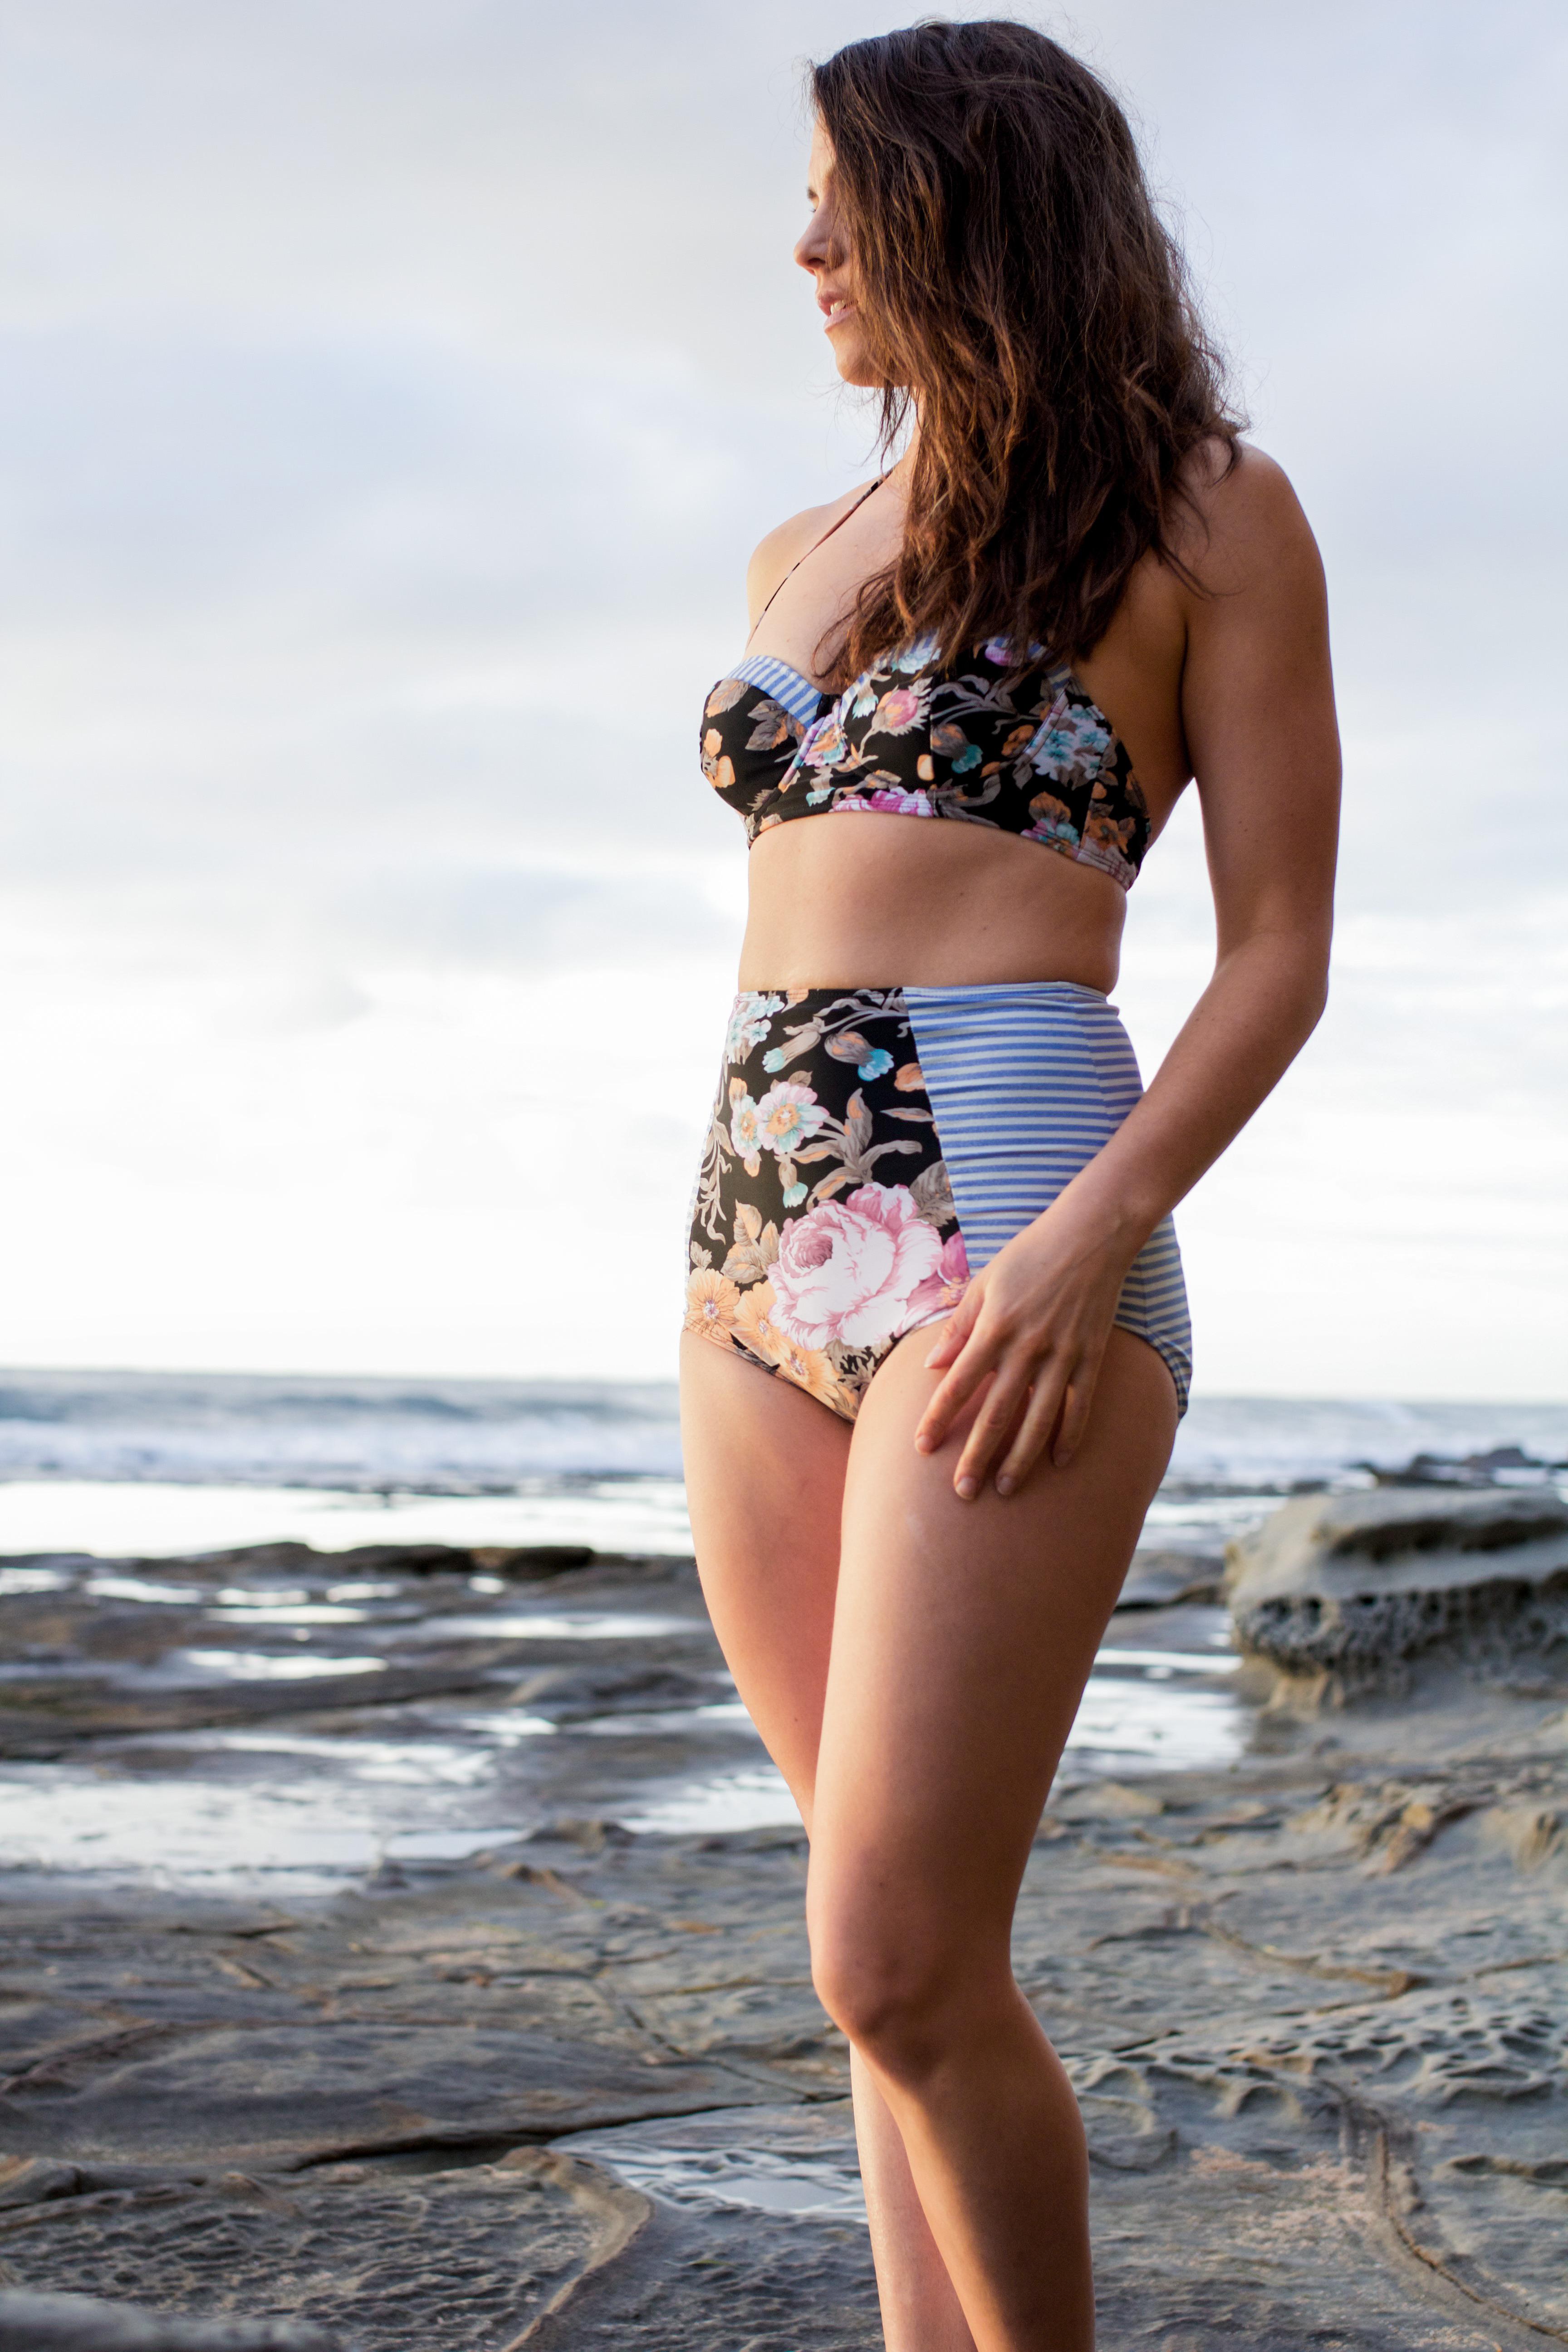 DIY Bustier Bikini | A D A S P R A G G | www.adaspragg.com